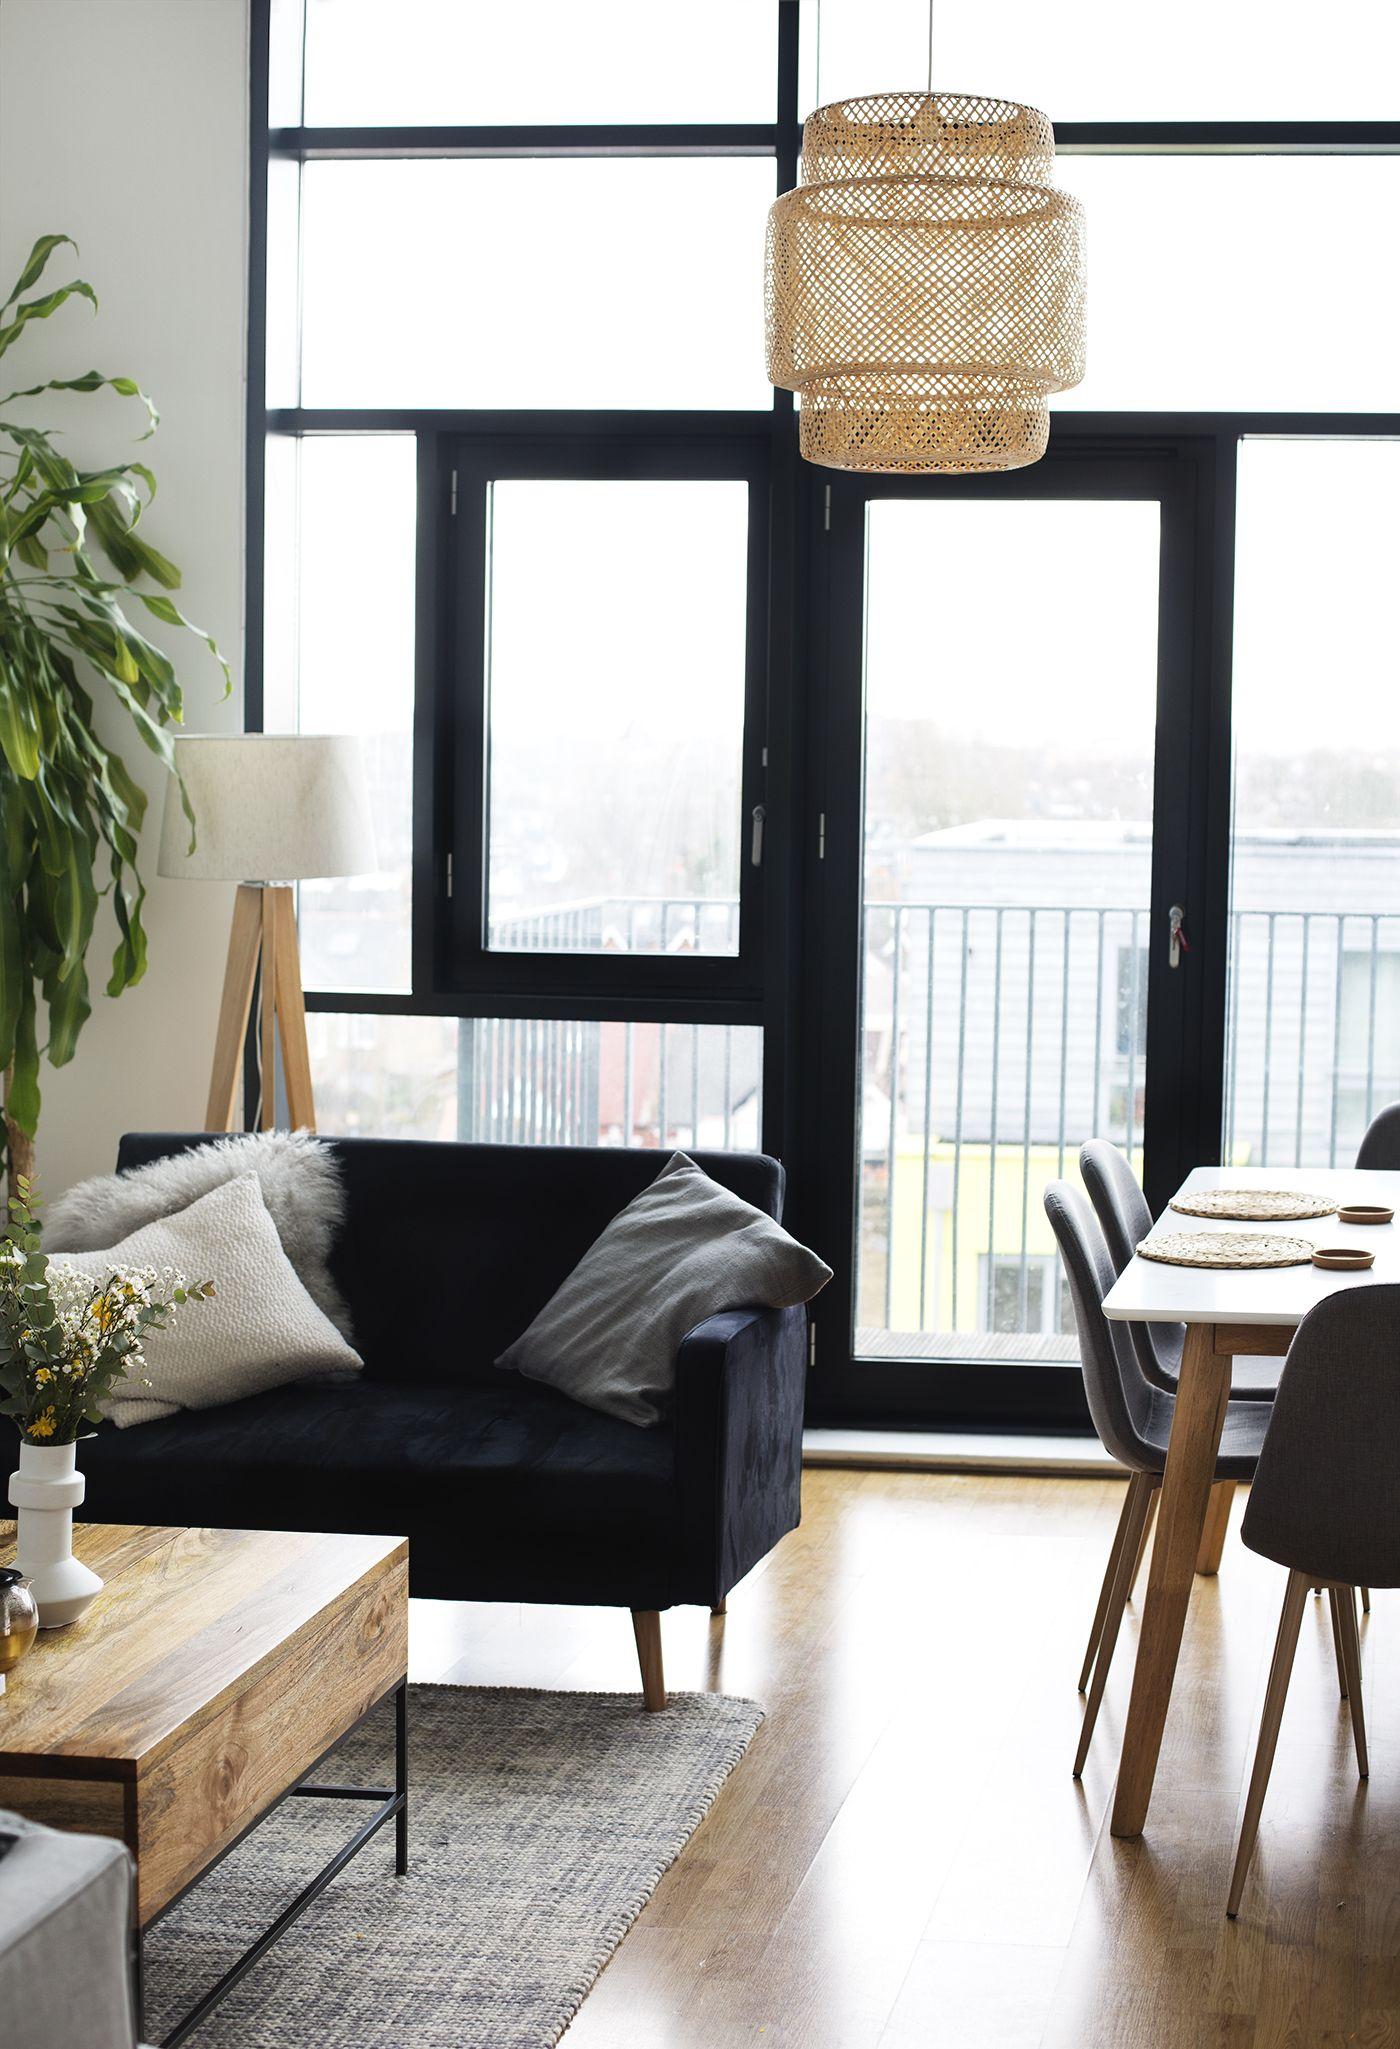 Our Living Room Tour | Room tour, Living rooms and Room